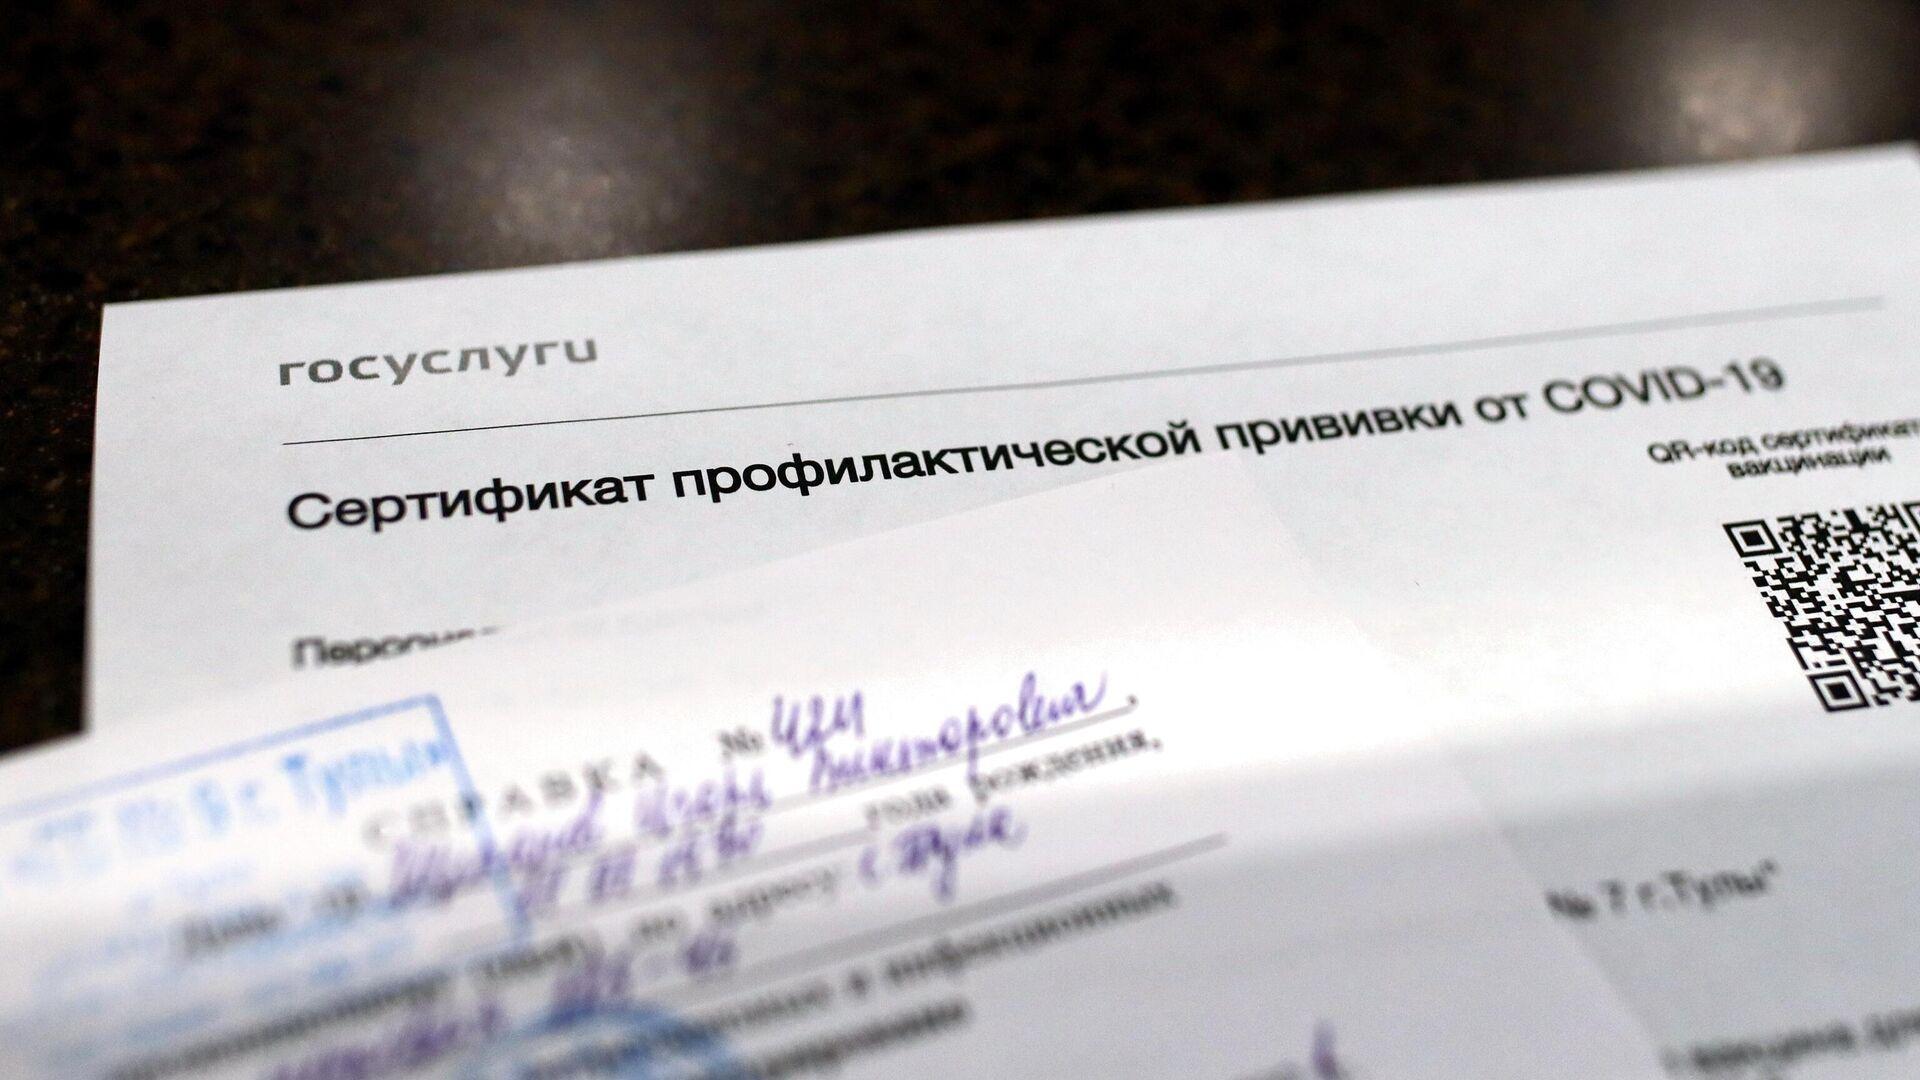 Сертыфікат аб вакцынацыи ад CoVID-19 - Sputnik Беларусь, 1920, 13.10.2021